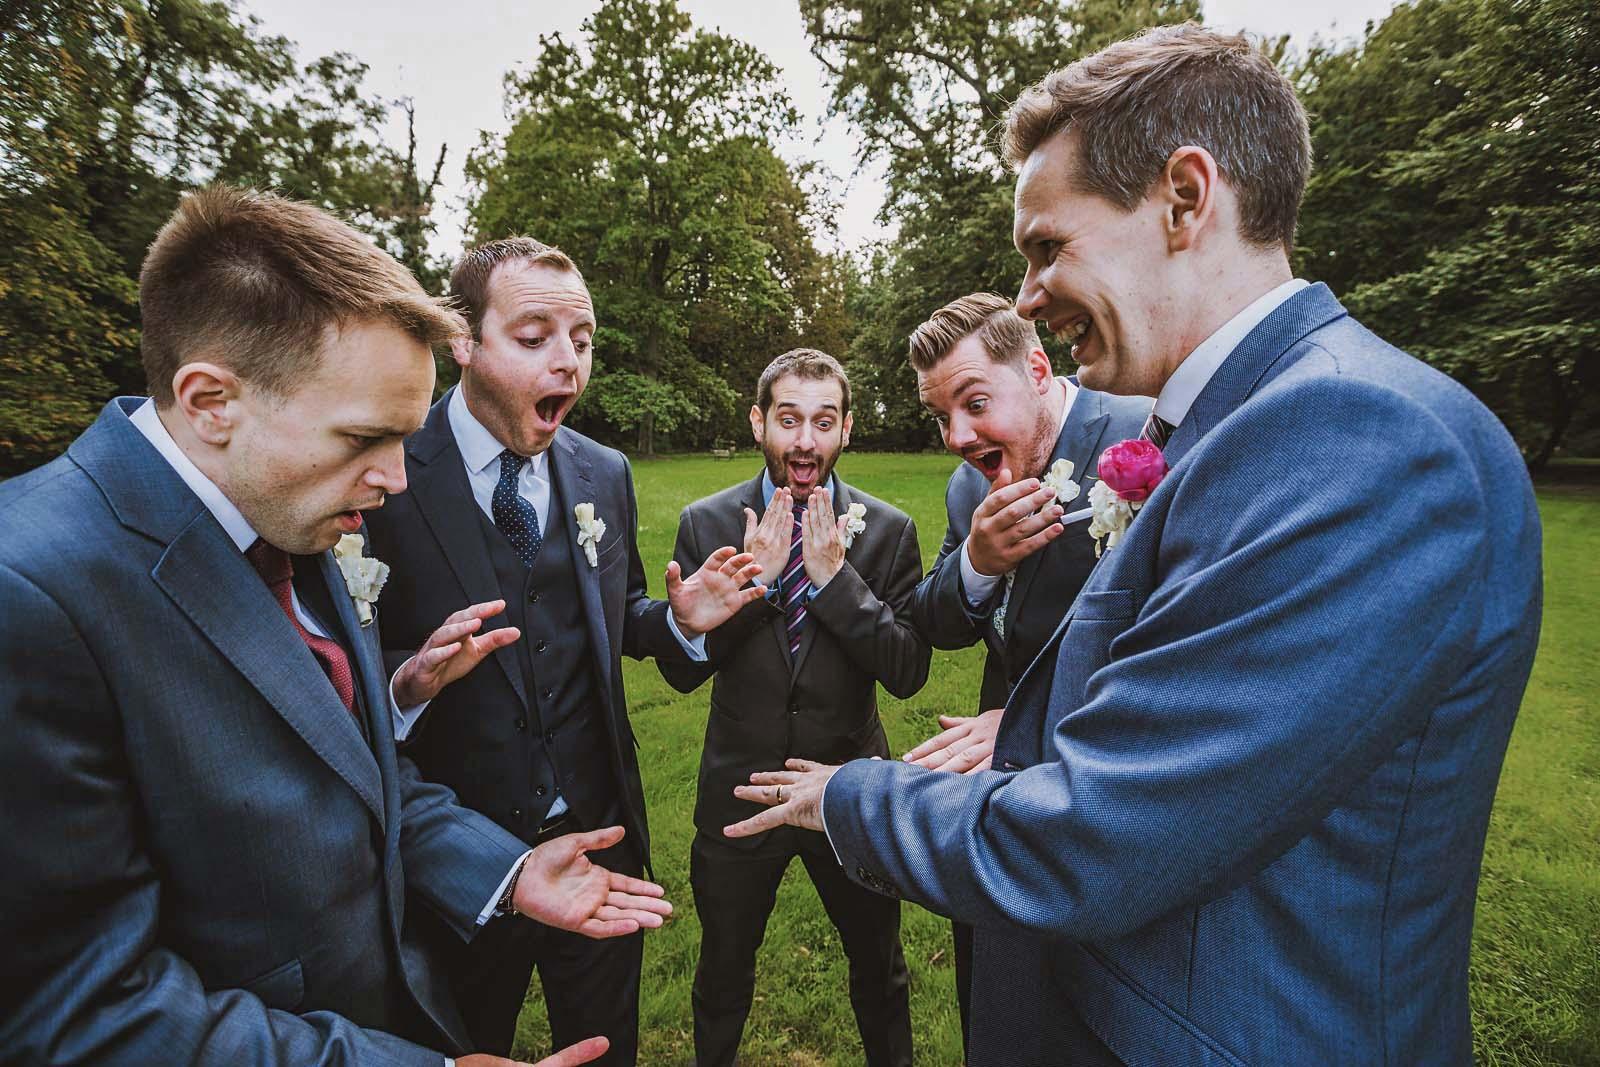 Braeutigam zeigt Trauring auf Gruppenfoto zur Hochzeit Copyright by Hochzeitsfotograf www.berliner-hochzeitsfotografie.de